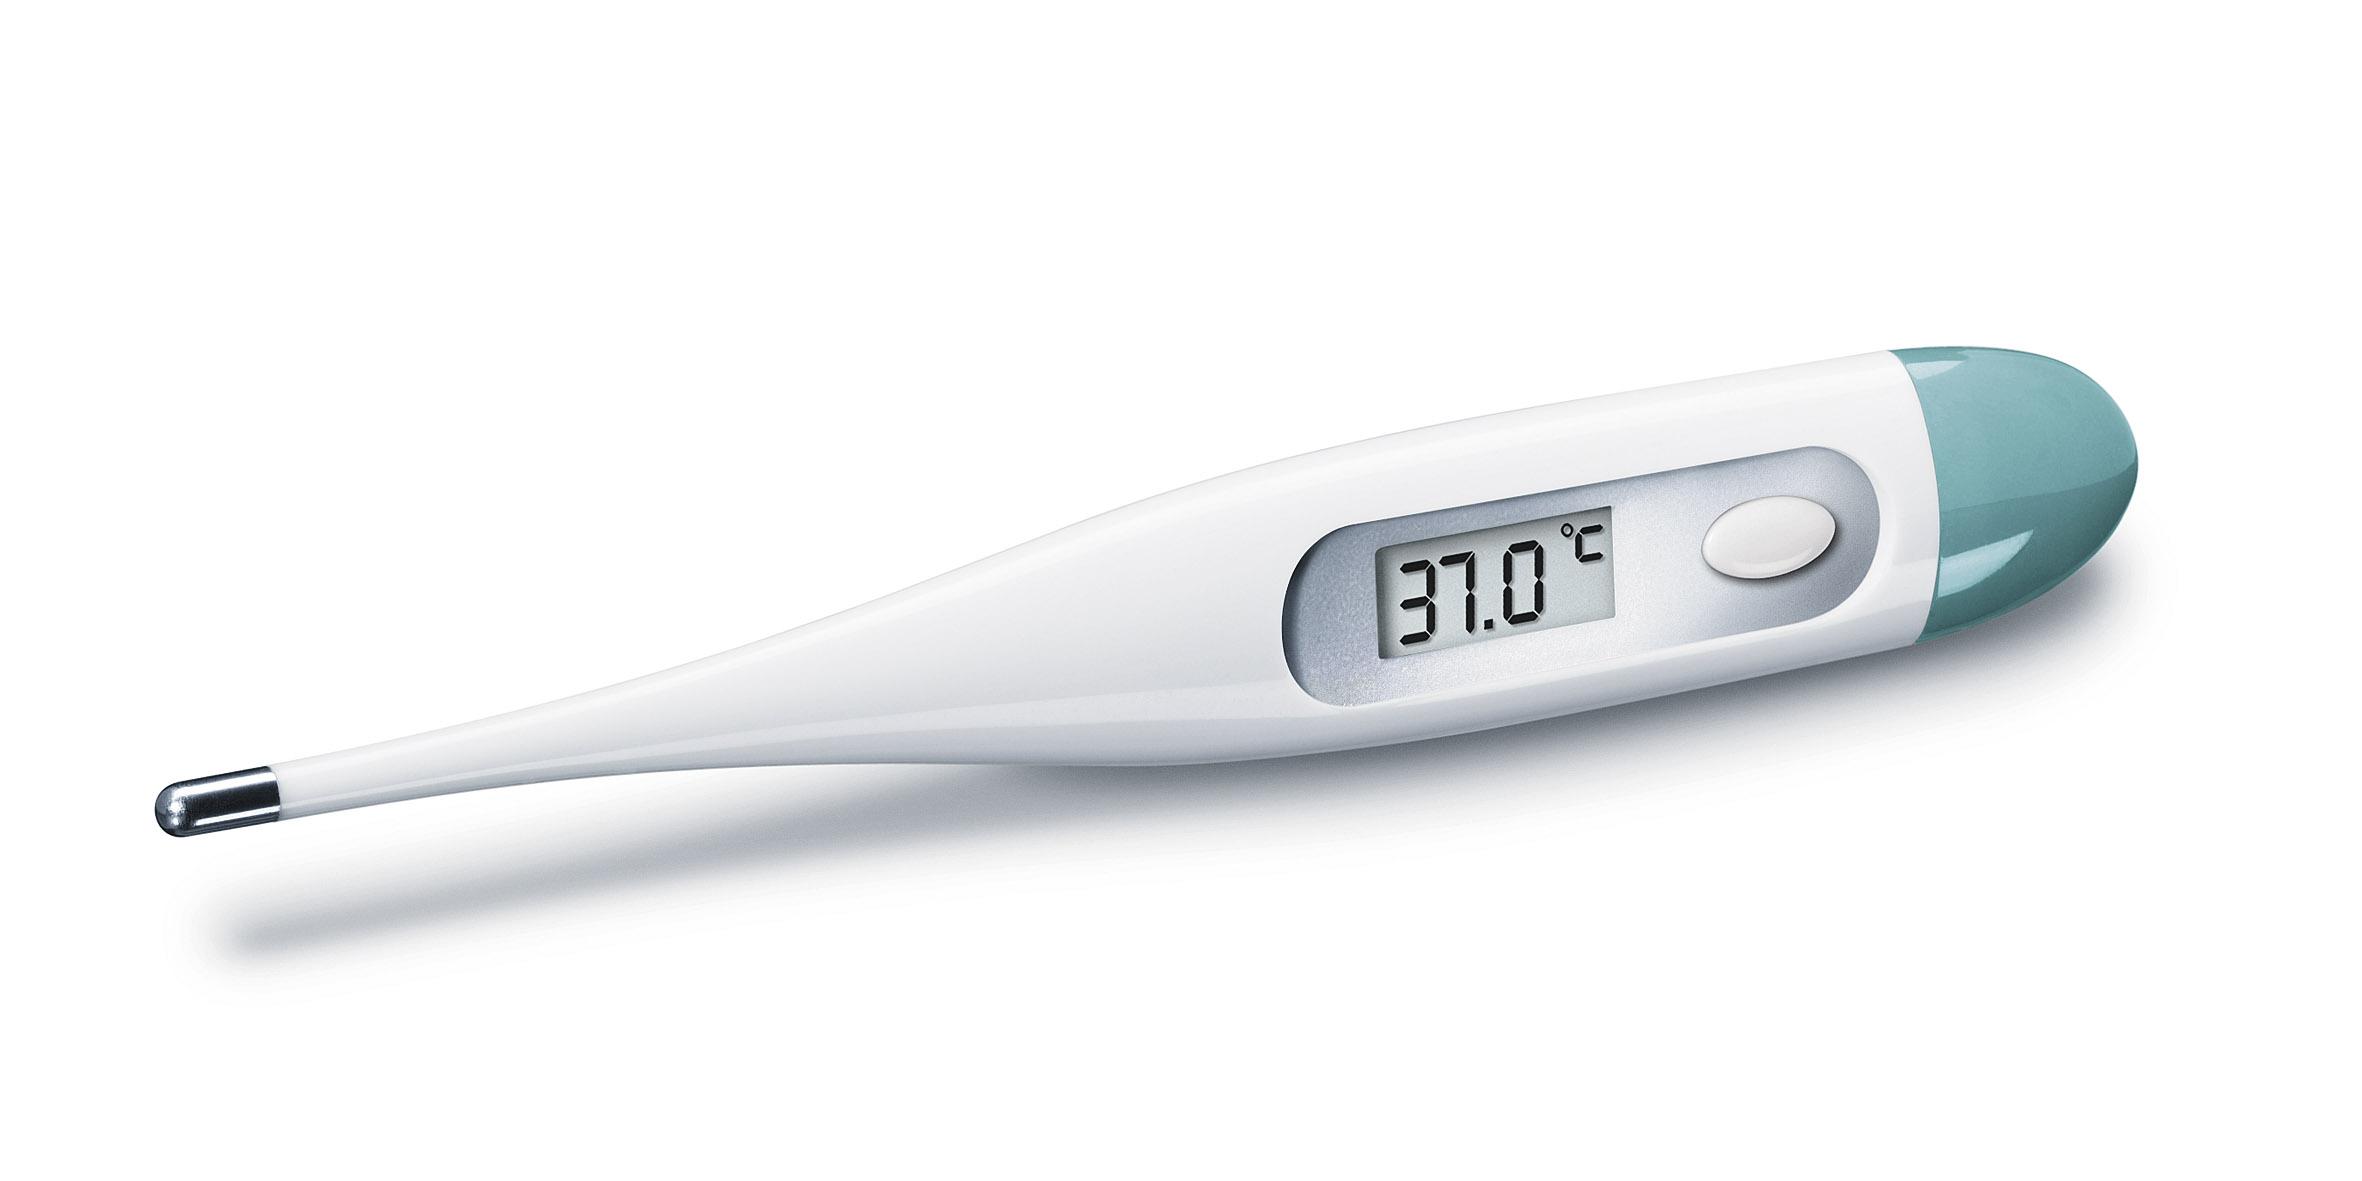 Con Memorizzazione Dell Ultimo Valore Misurato Sft 01 1 Termometro Per Febbre Sanitas Onlineshop Non inquina, non si rompe e il display viene letto con grande facilità. sft 01 1 termometro per febbre